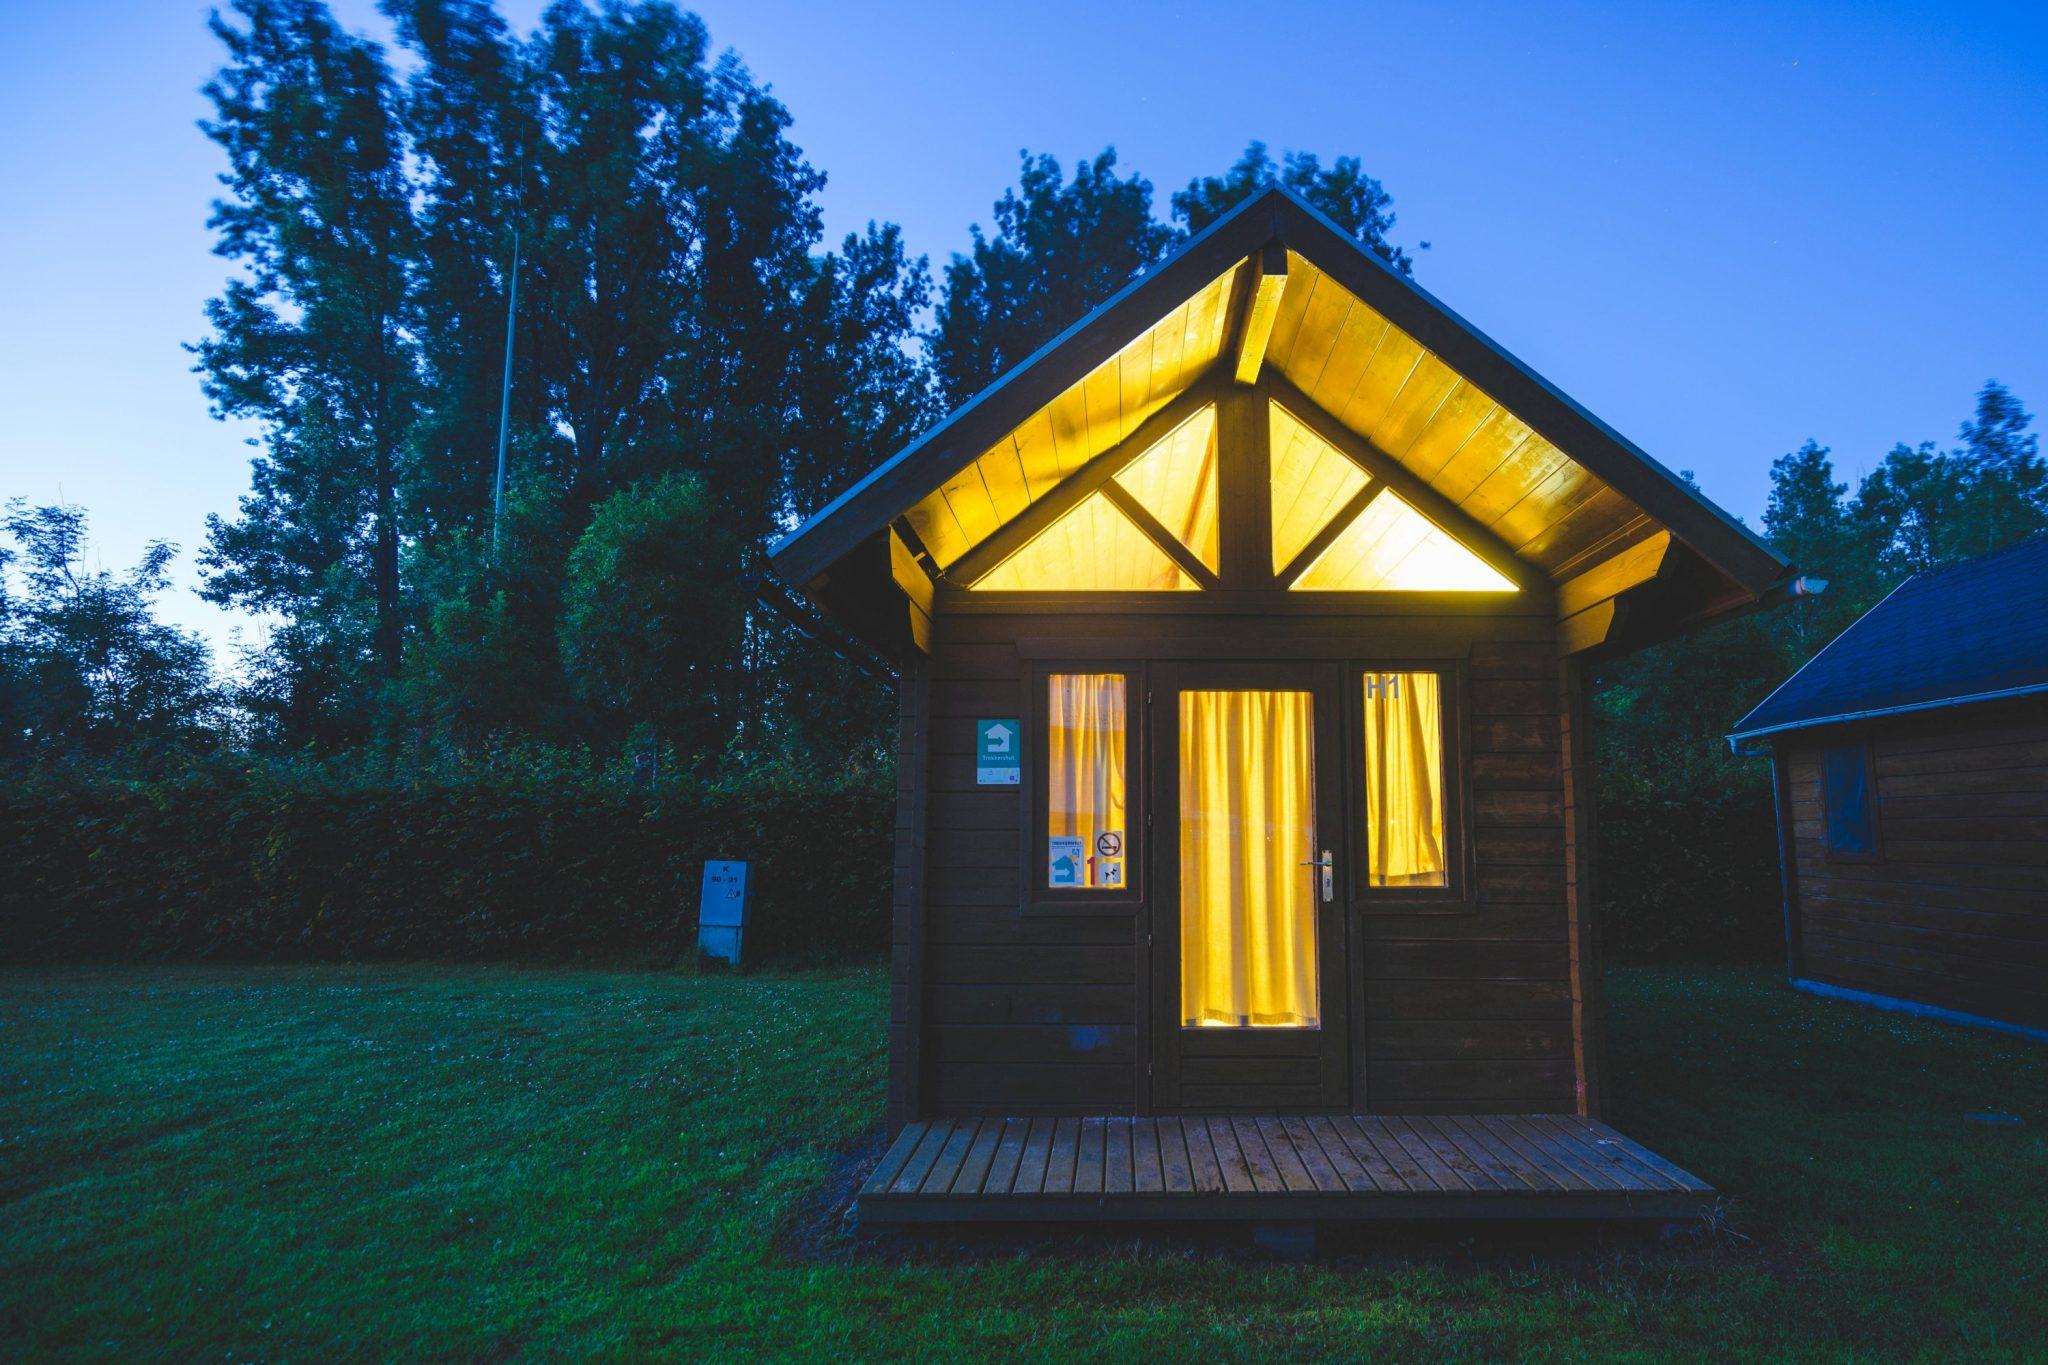 Camping Groeneveld - Slapen in trekkershut tussen Gent en Deinze